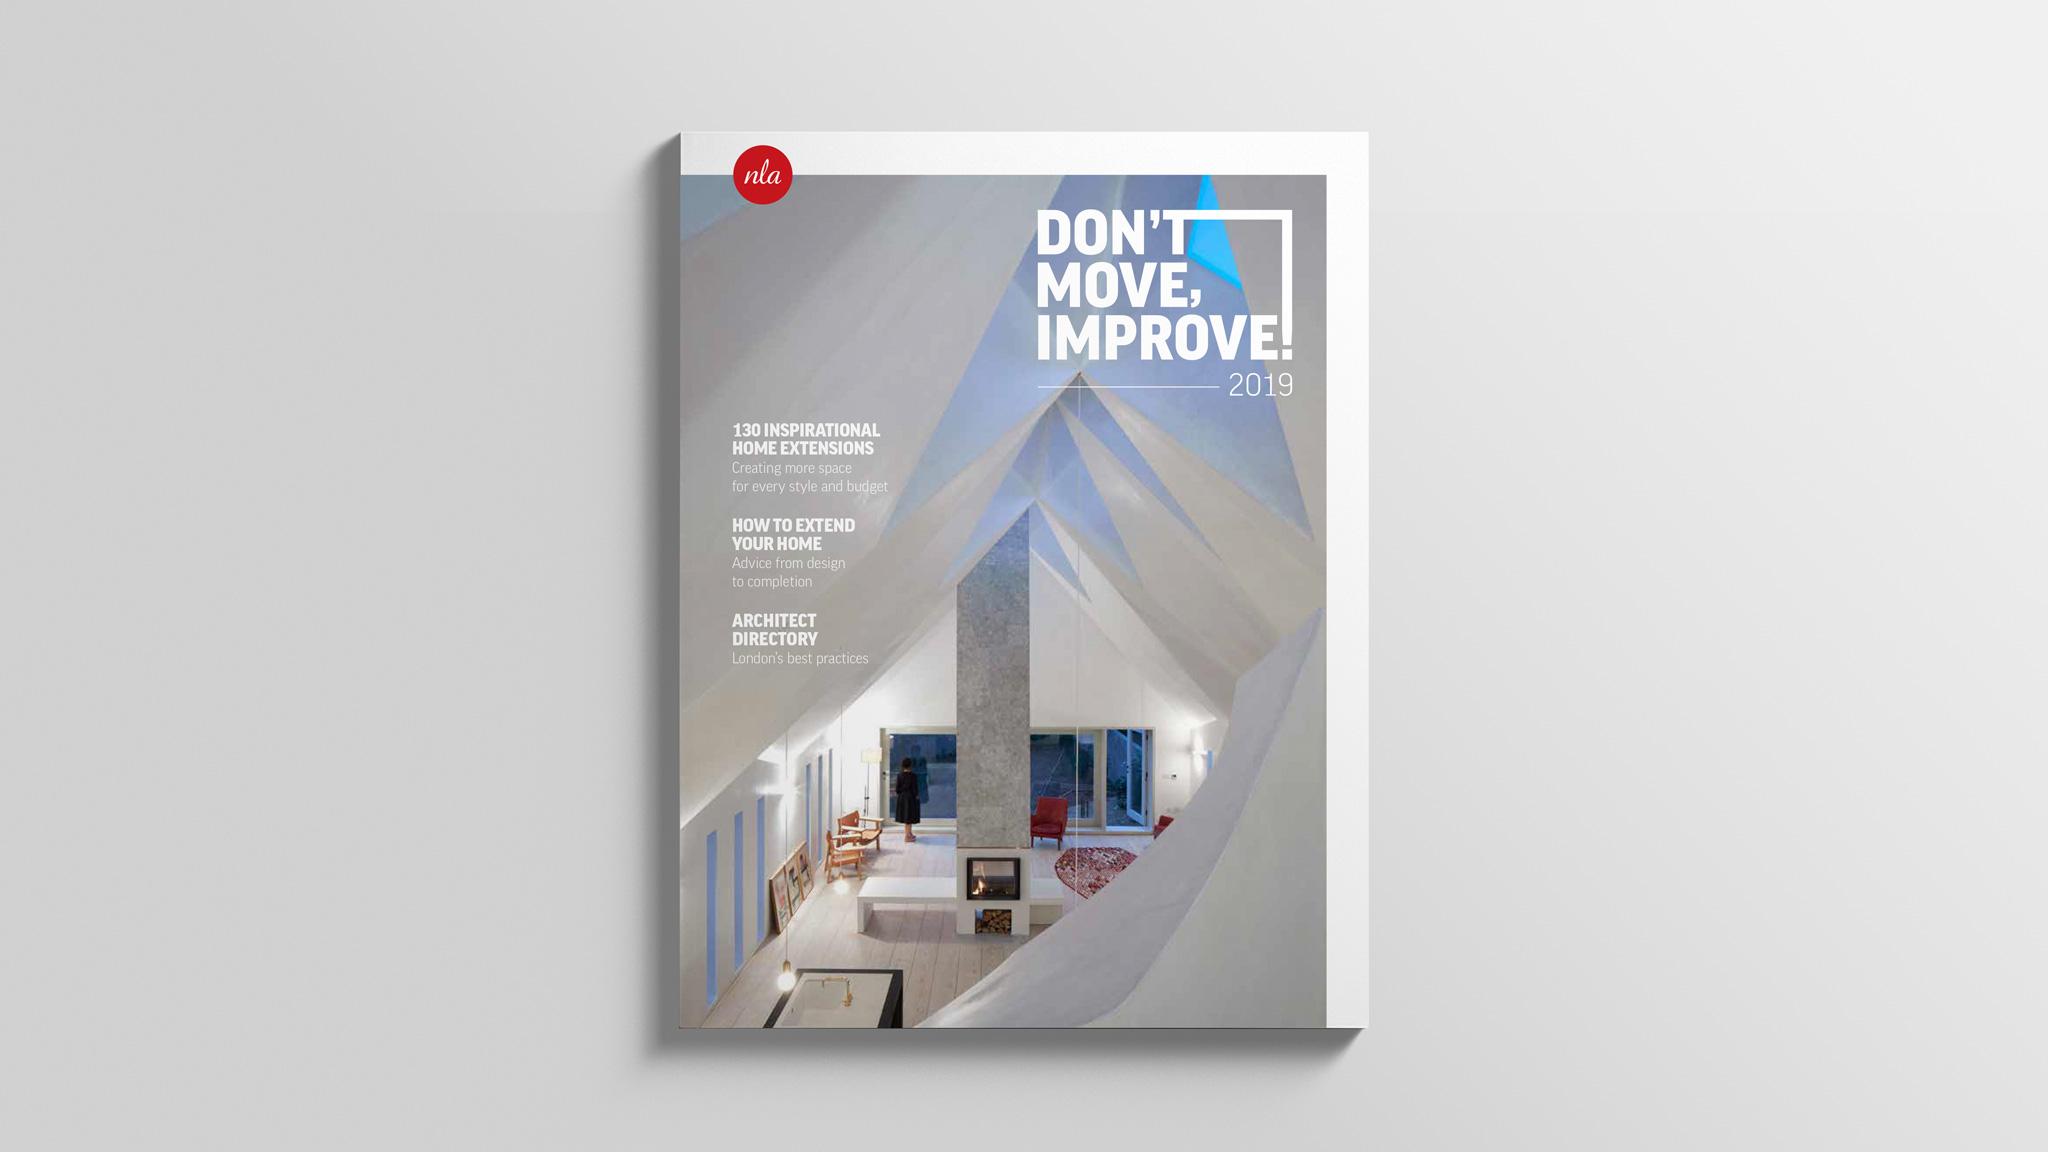 Don't Move, Improve! 2019